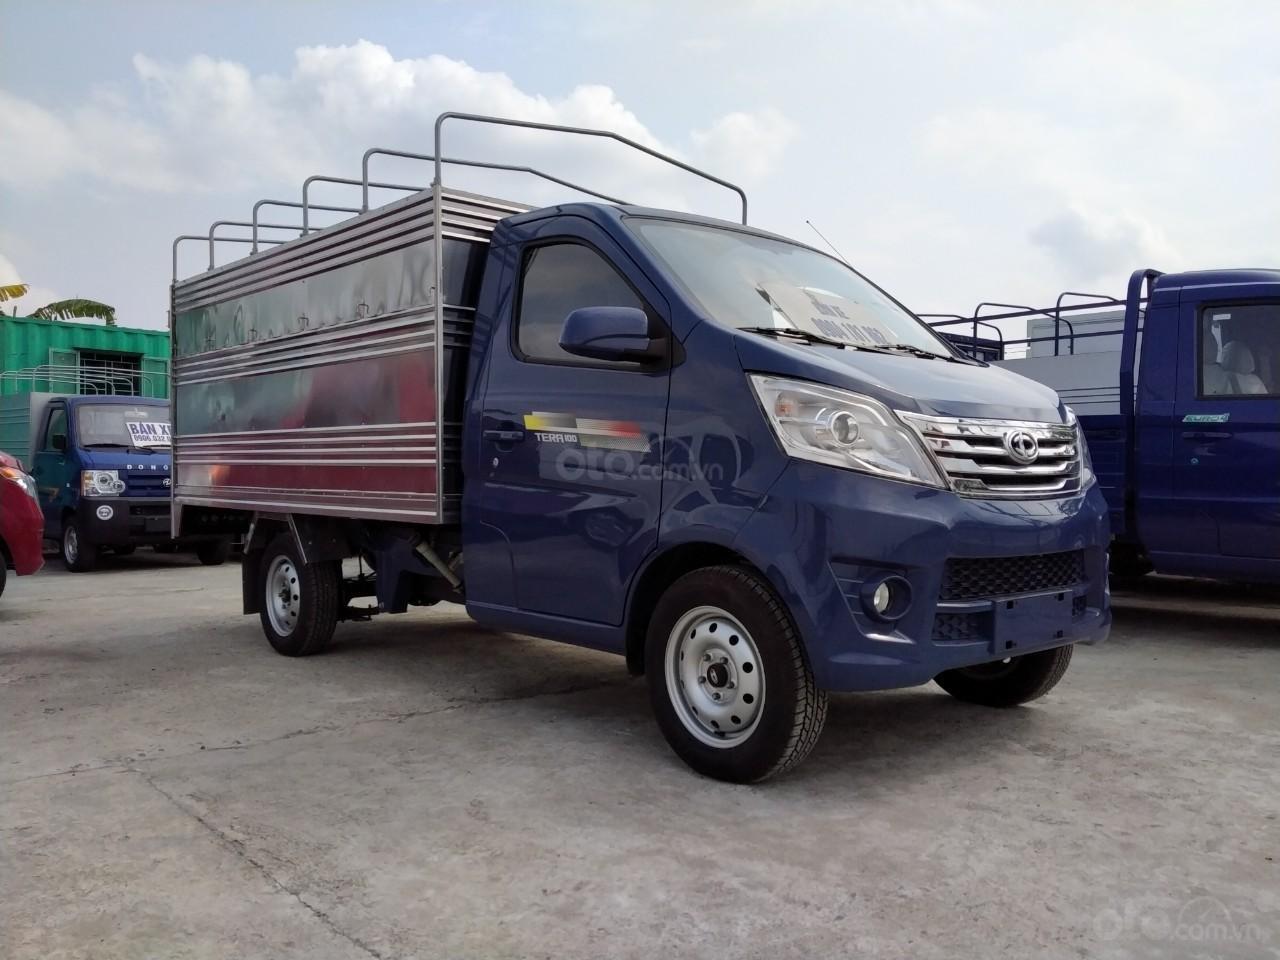 Bán xe tải Teraco tại Hải Dương, xe giá ưu đãi (7)